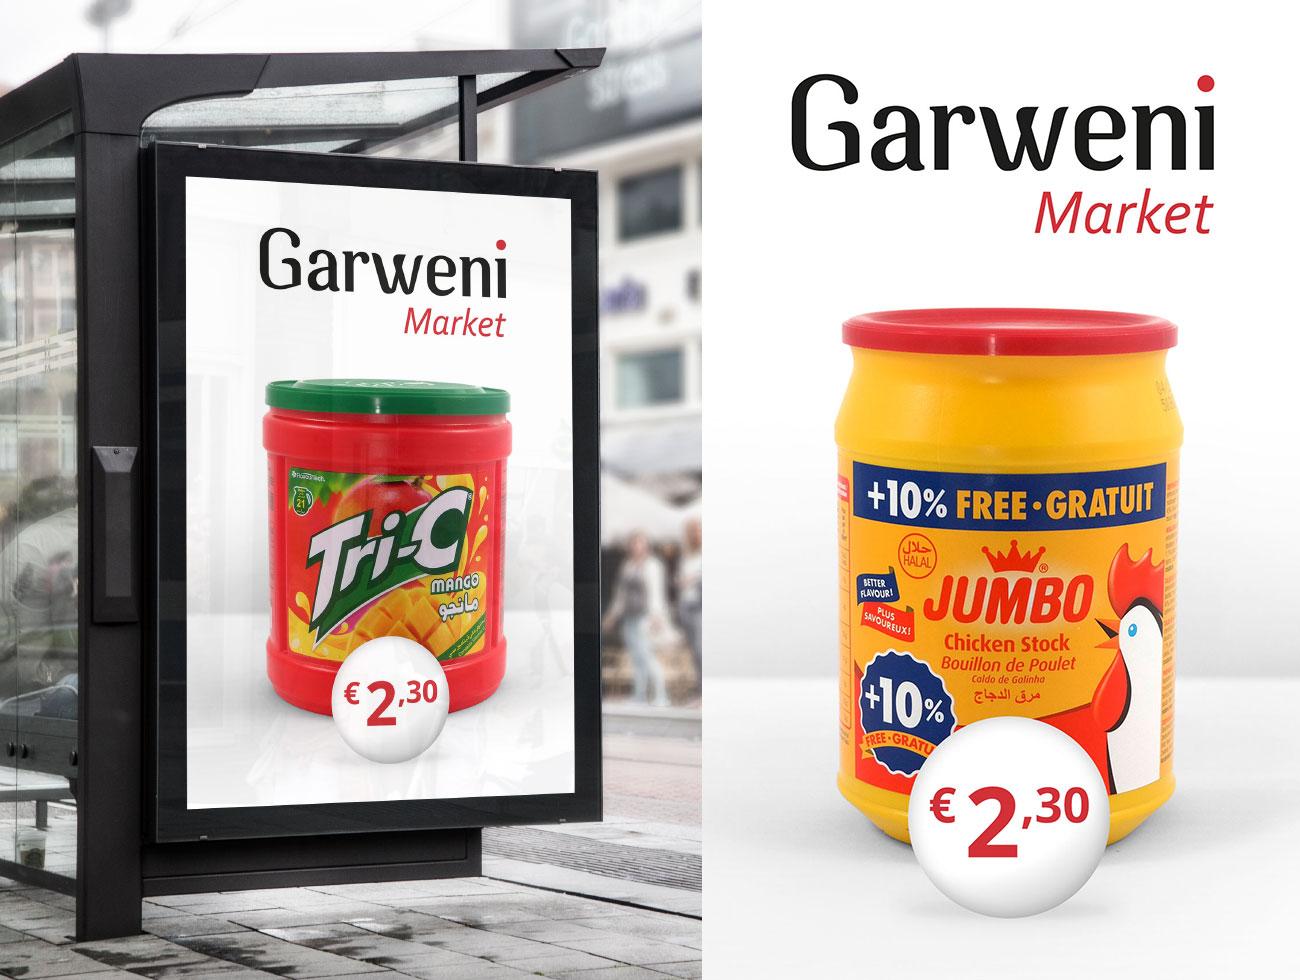 Garweni Market